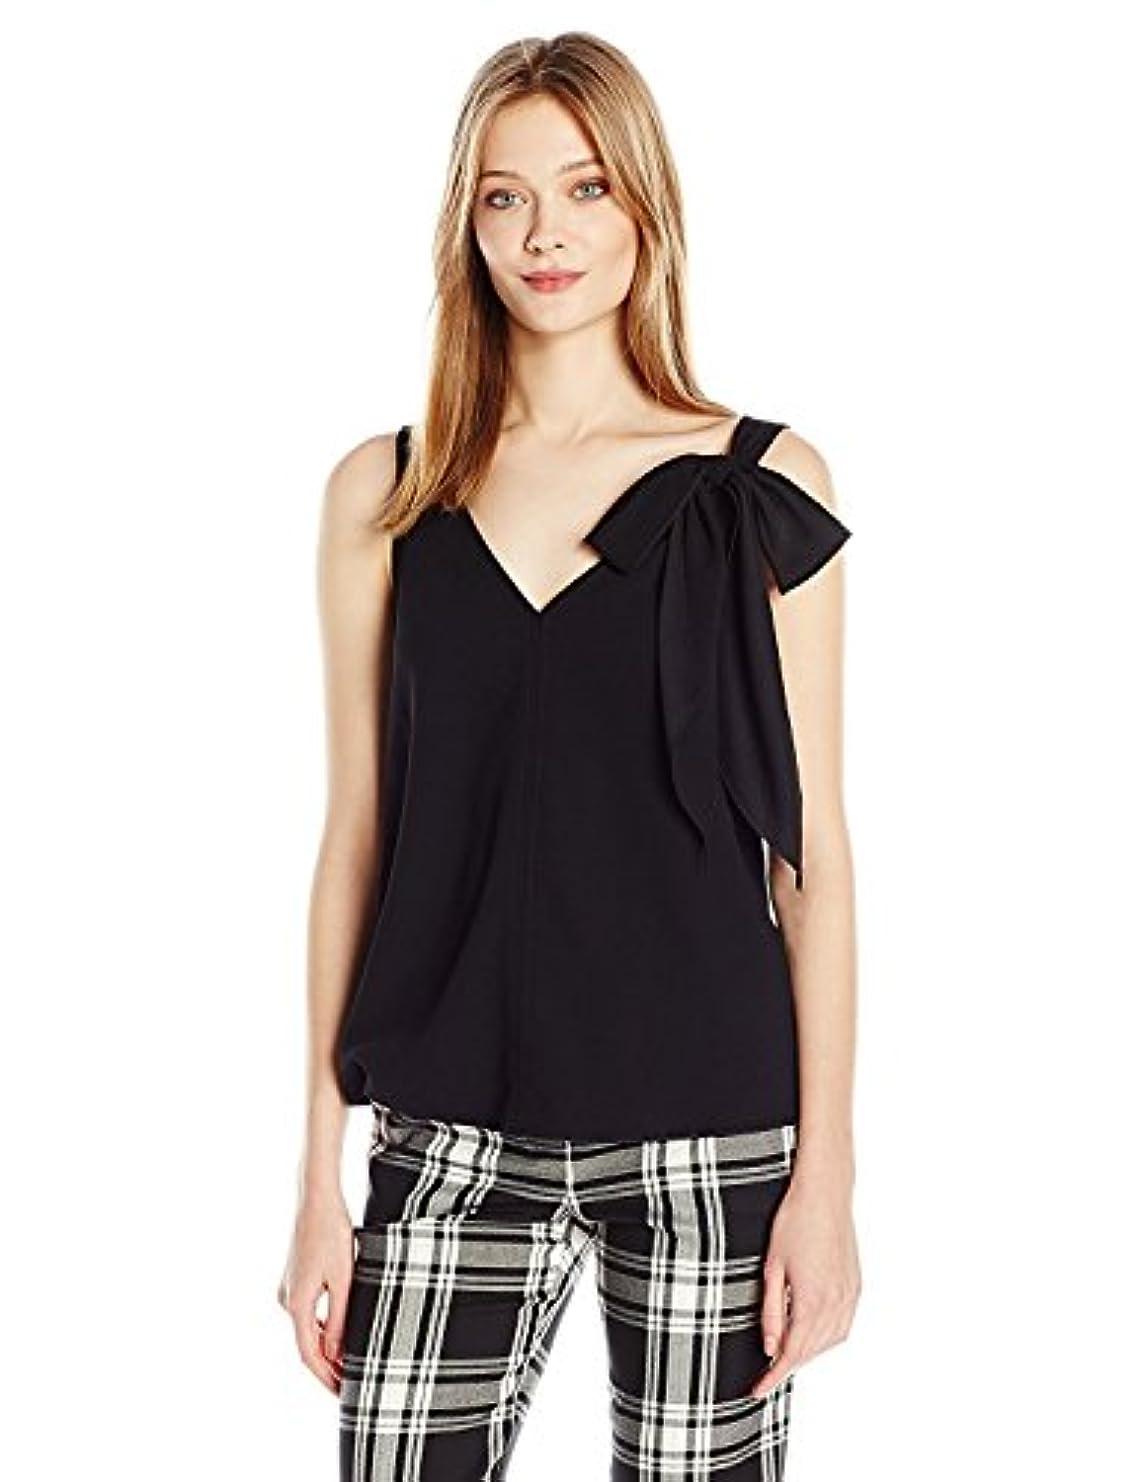 固執オッズ一回Trina Turk Women's Poetic Carmel Crepe Sleeveless Top with Bow Detail Black XS [並行輸入品]